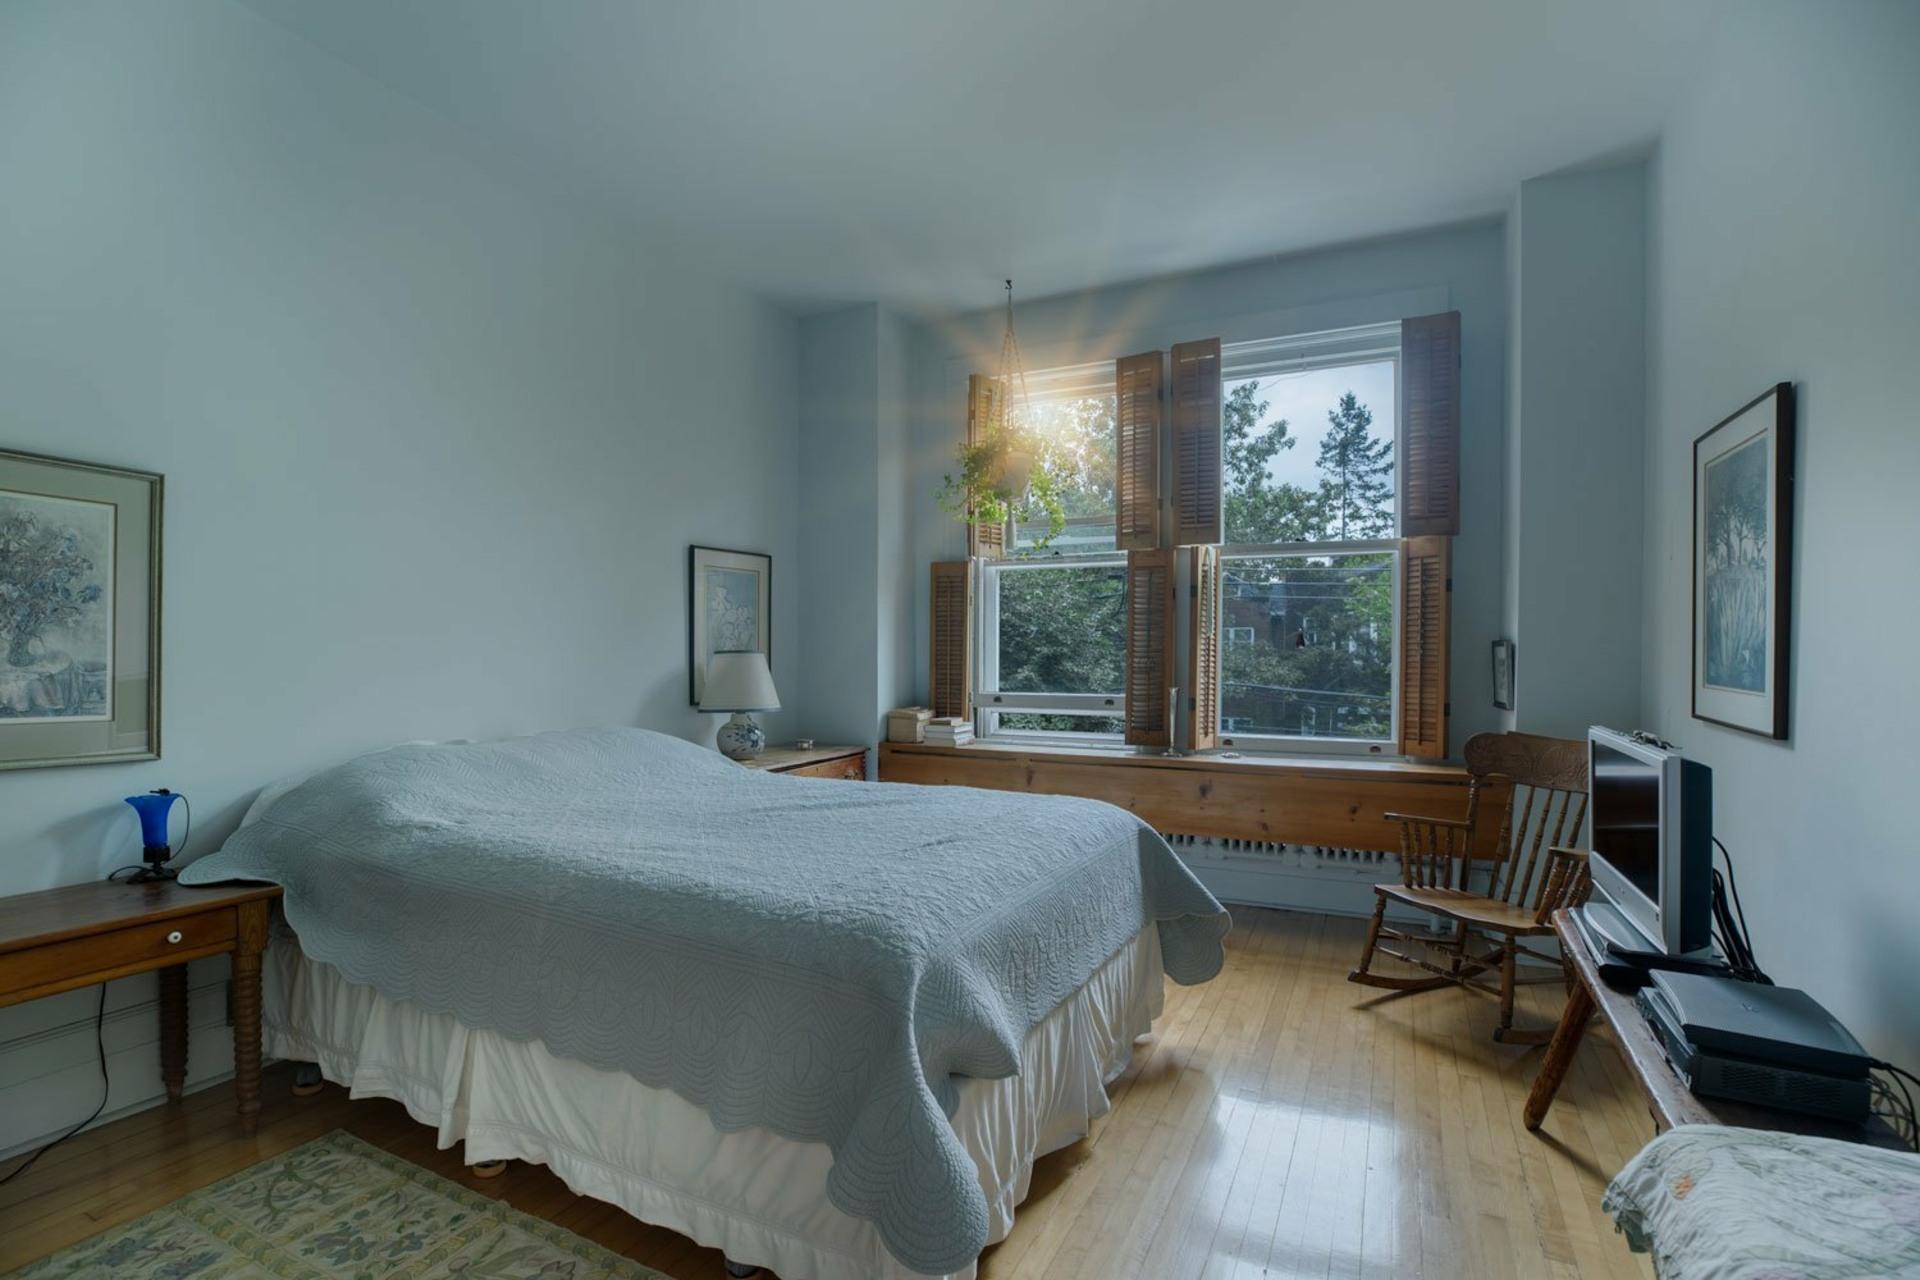 image 7 - Maison À vendre Côte-des-Neiges/Notre-Dame-de-Grâce Montréal  - 10 pièces